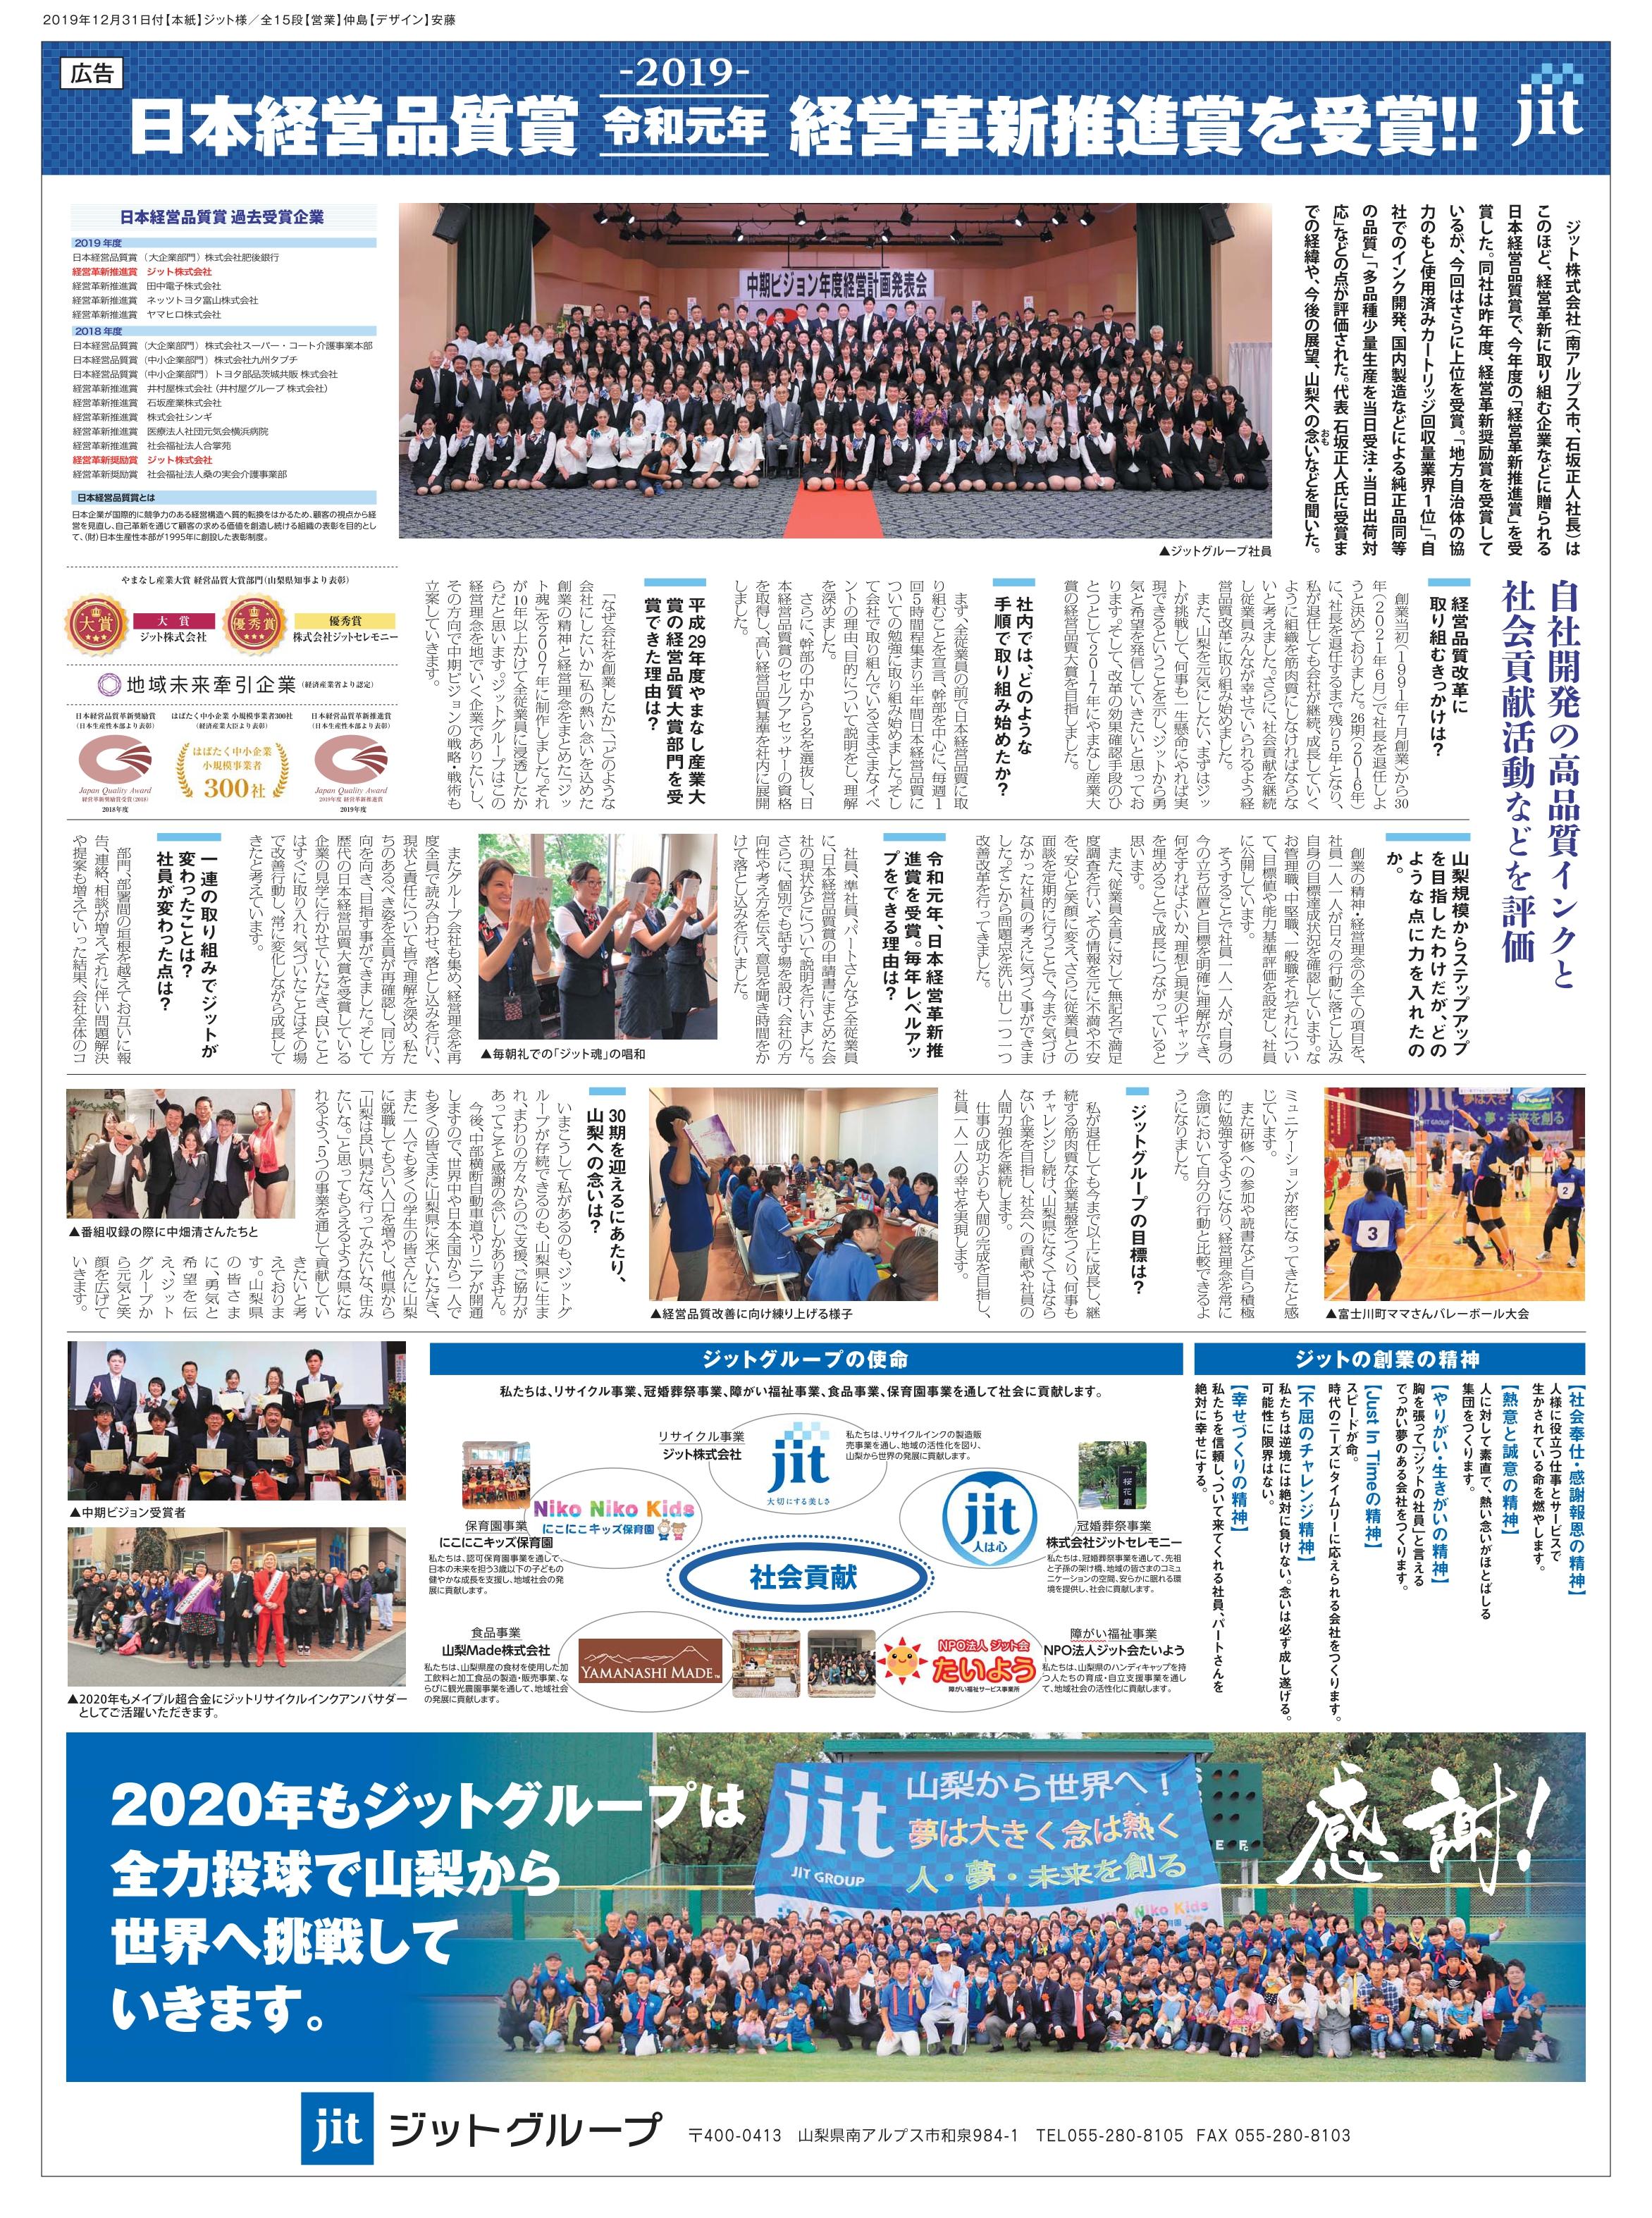 2019年12月31日 山梨日日新聞 掲載